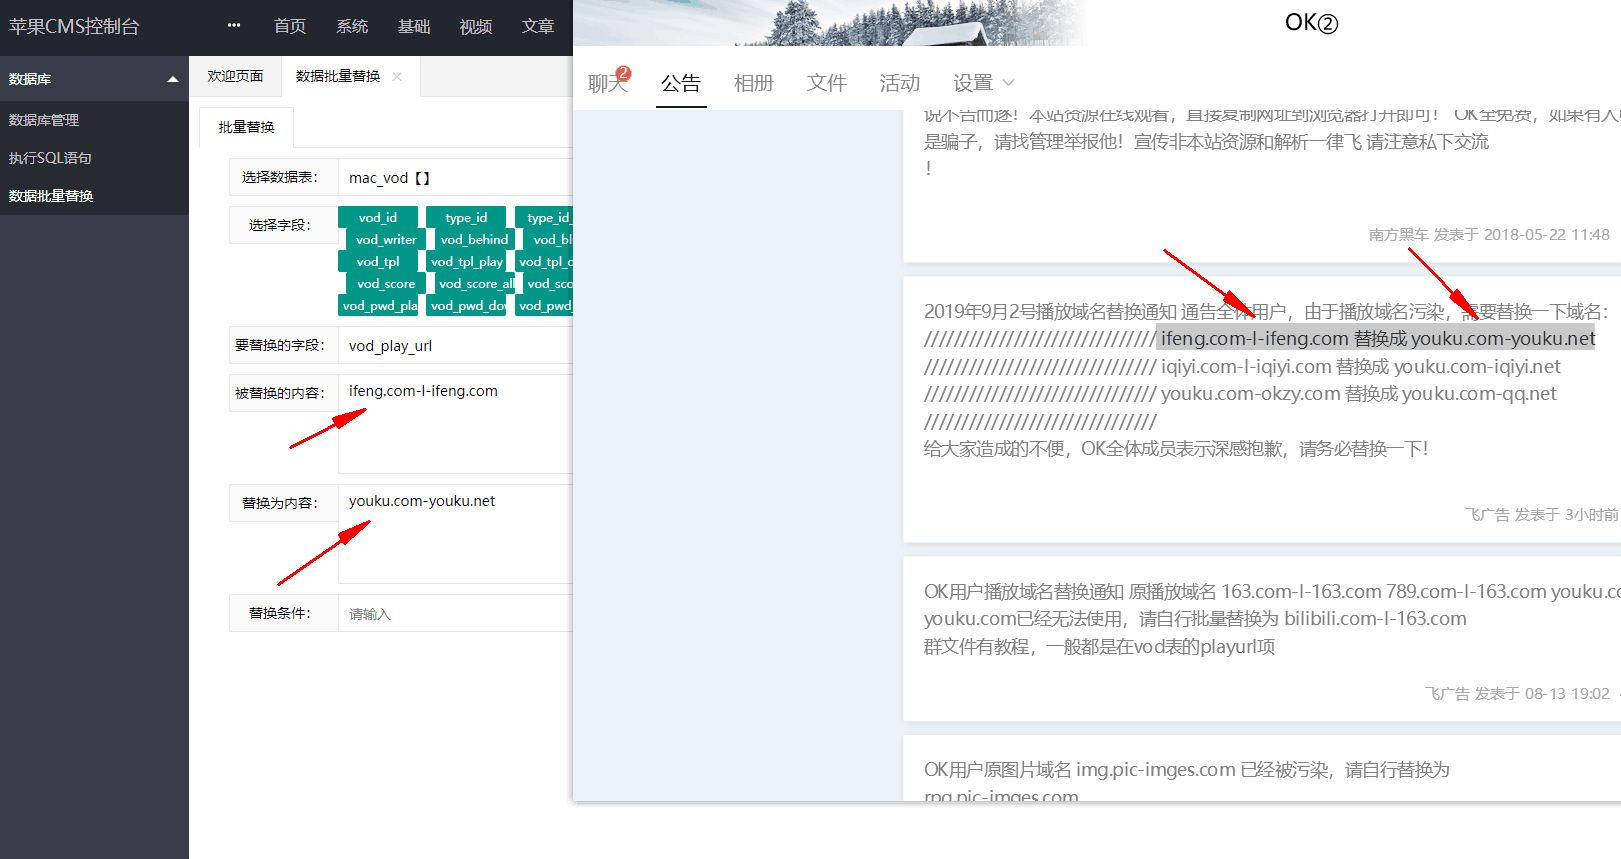 苹果CMS v10 批量替换被污染播放地址教程-搬运狗